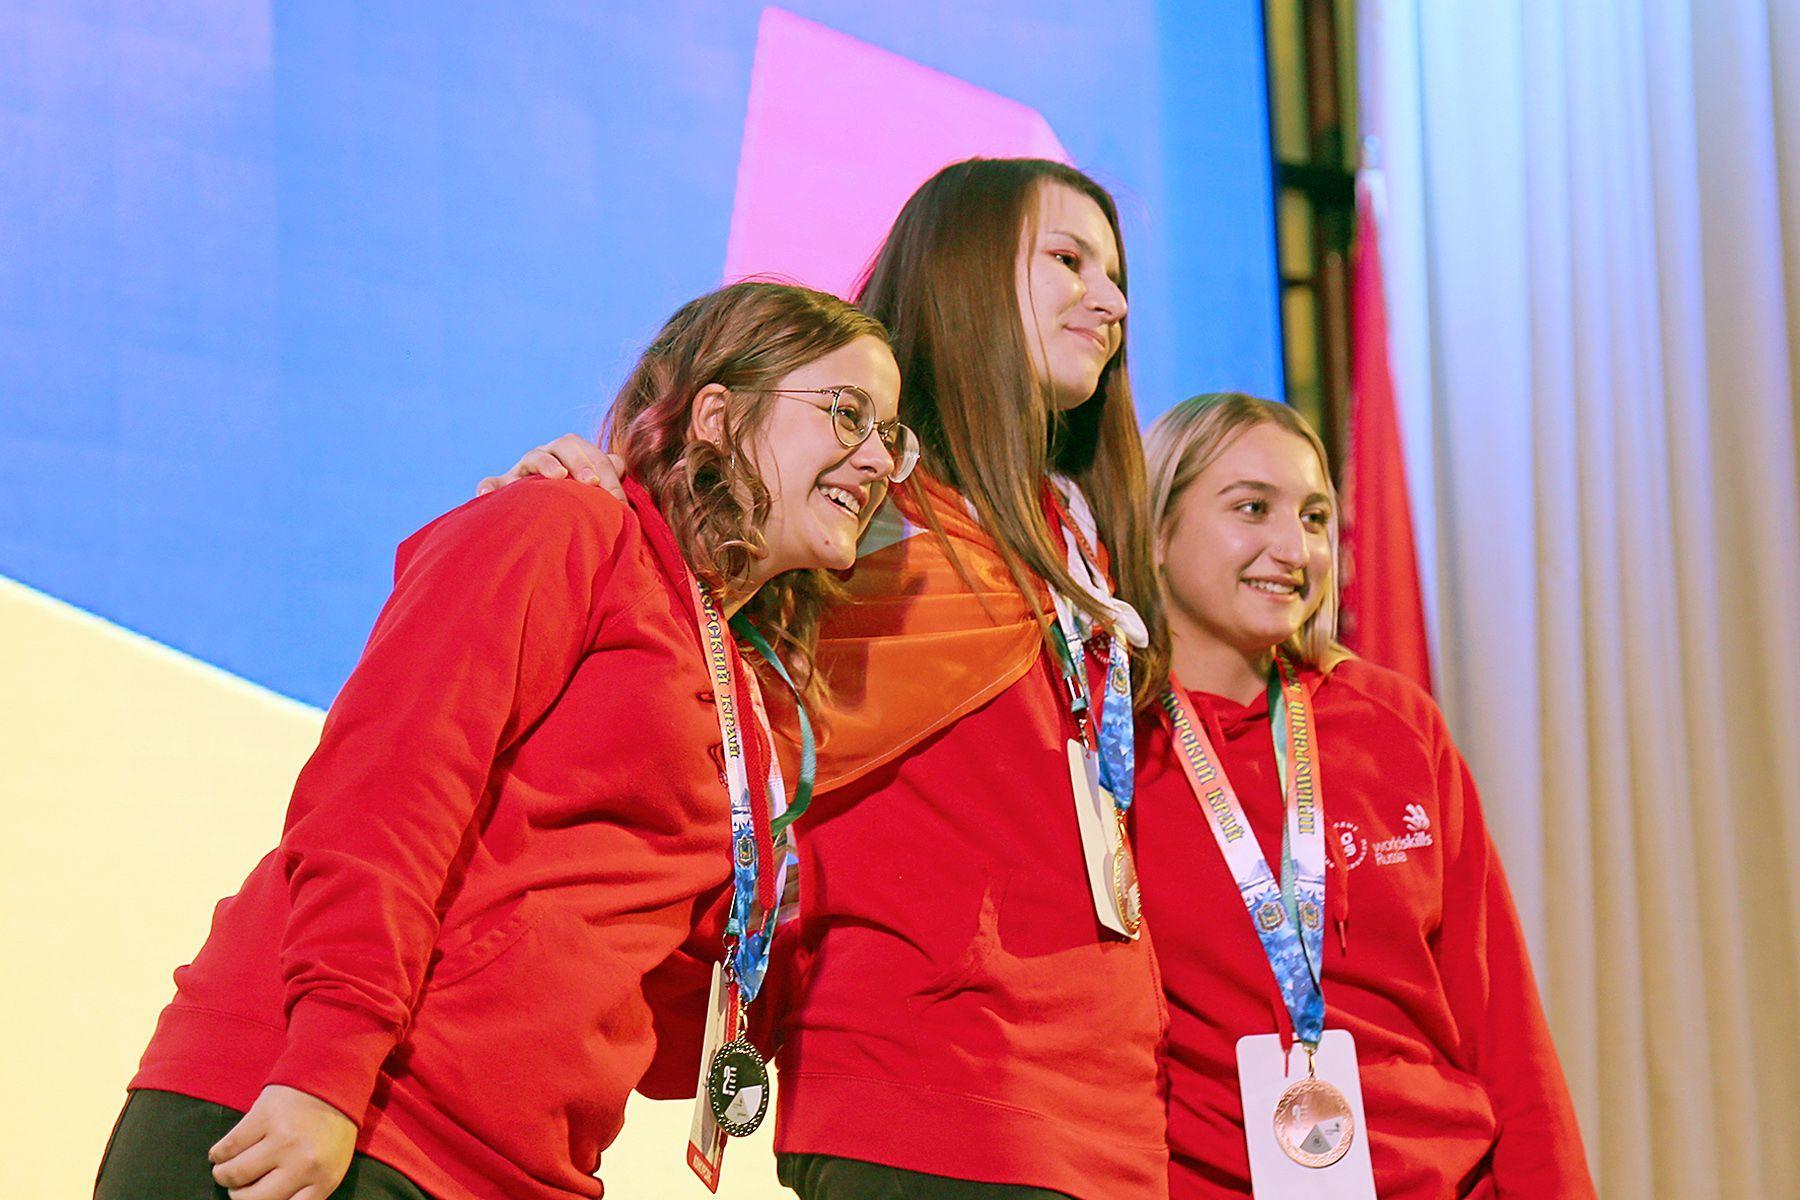 Молодые профессионалы успешно завершают VI Открытый региональный чемпионат WorldSkills Russia. Во ВГУЭС подходят к финалу соревнования по компетенциям основной линейки